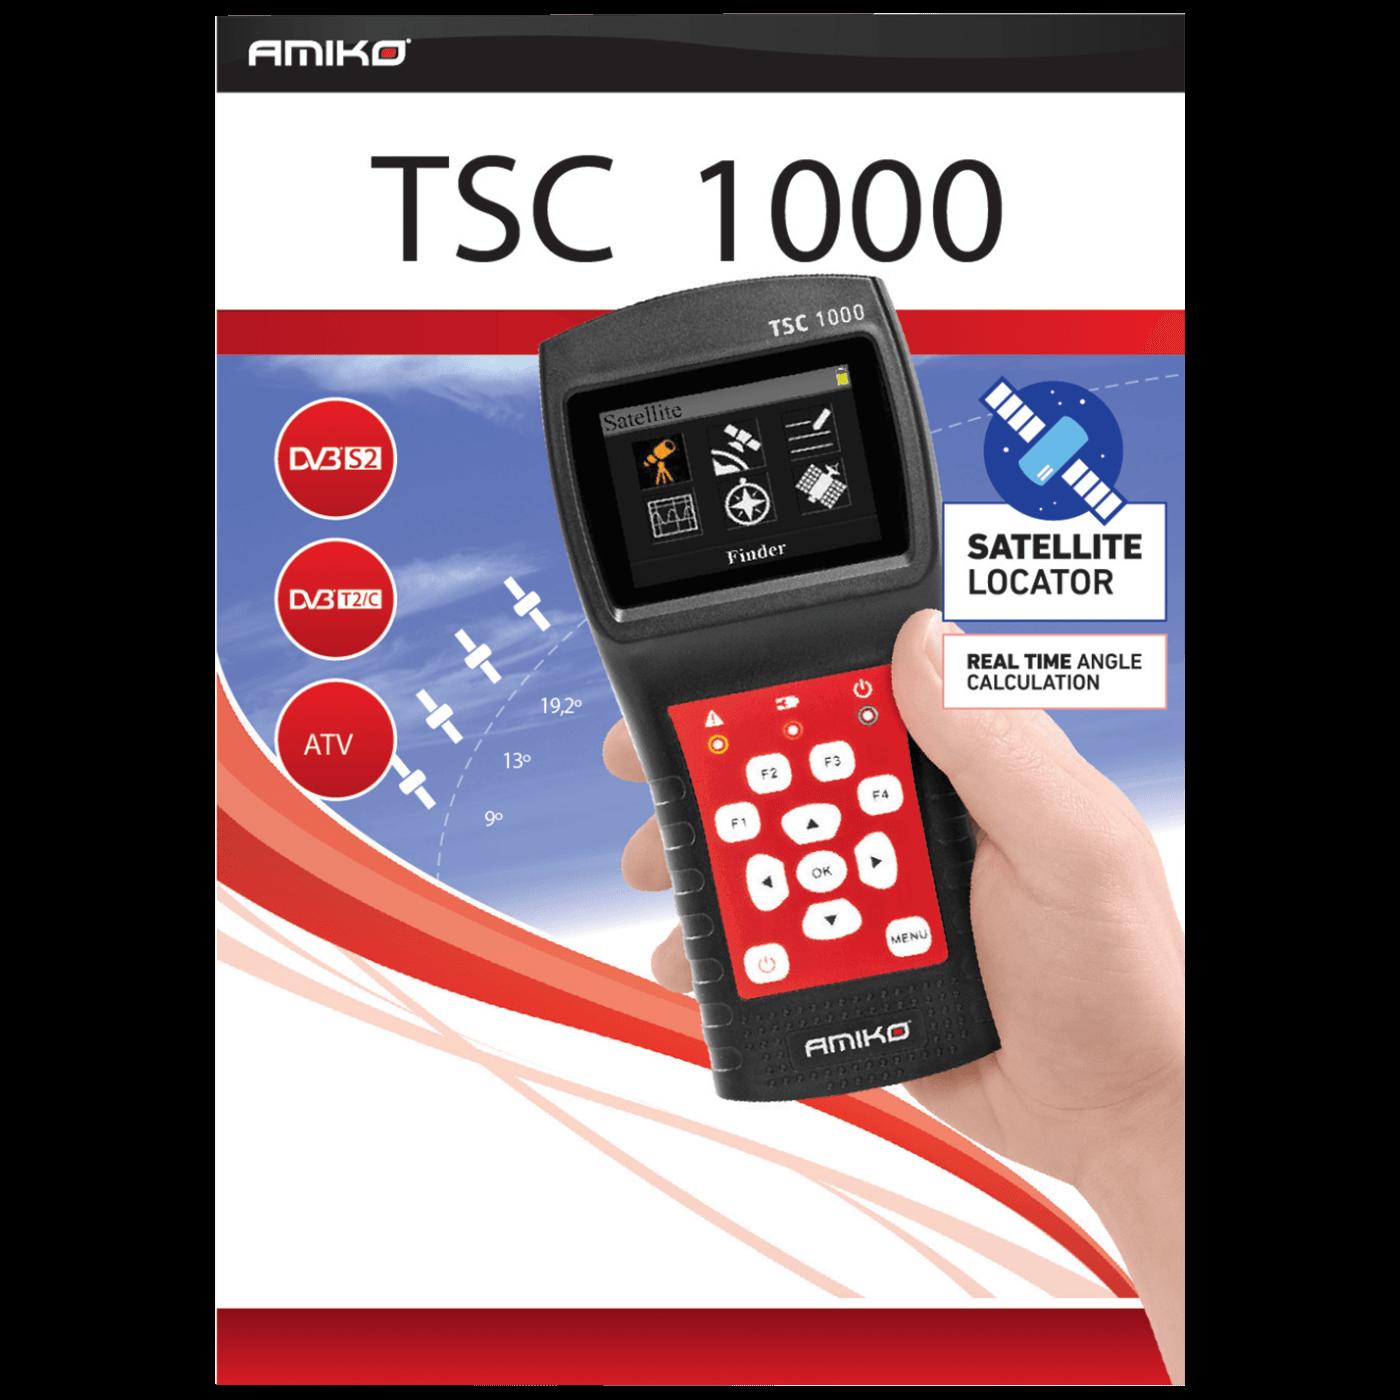 Amiko - TSC 1000